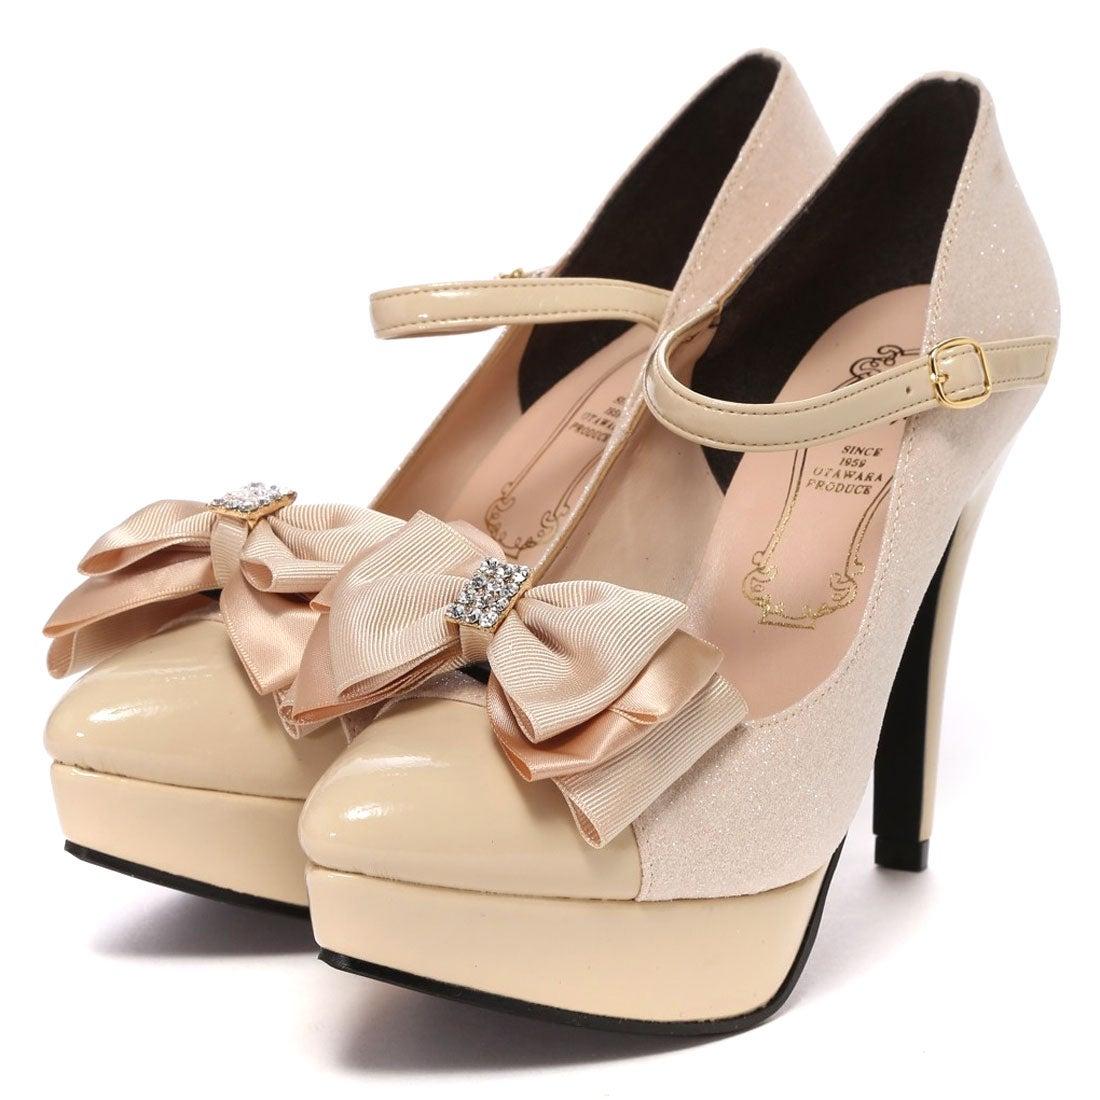 ラブクラフト LOVE CRAFT CHAPTER エレガンスパンプス(BG) ,靴とファッションの通販サイト ロコンド